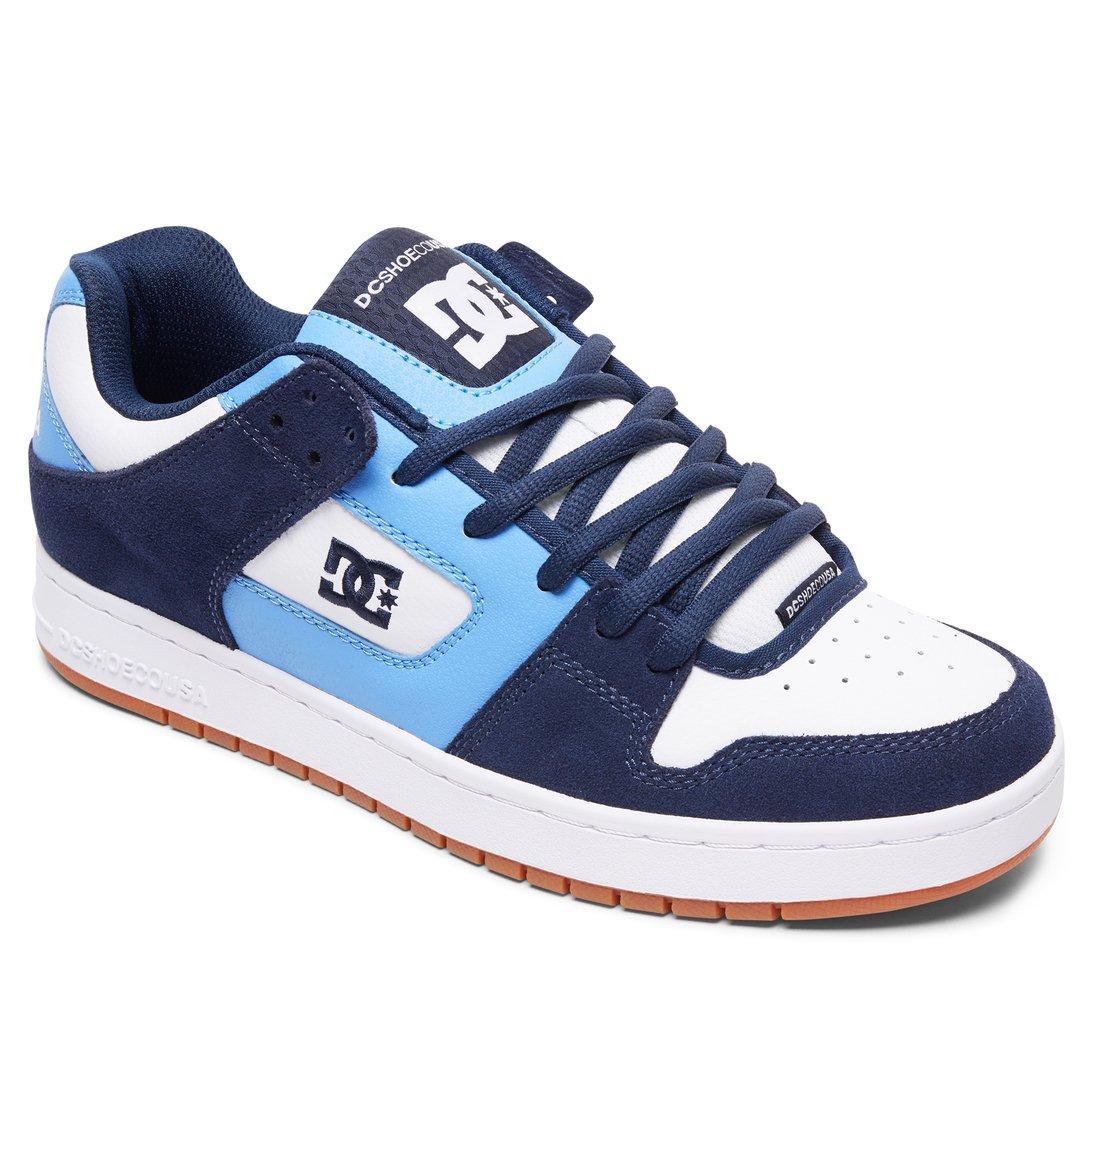 DC Zapatos para Manteca Azul Shoes Hombre ADYS100177 1 BRYOpxq7